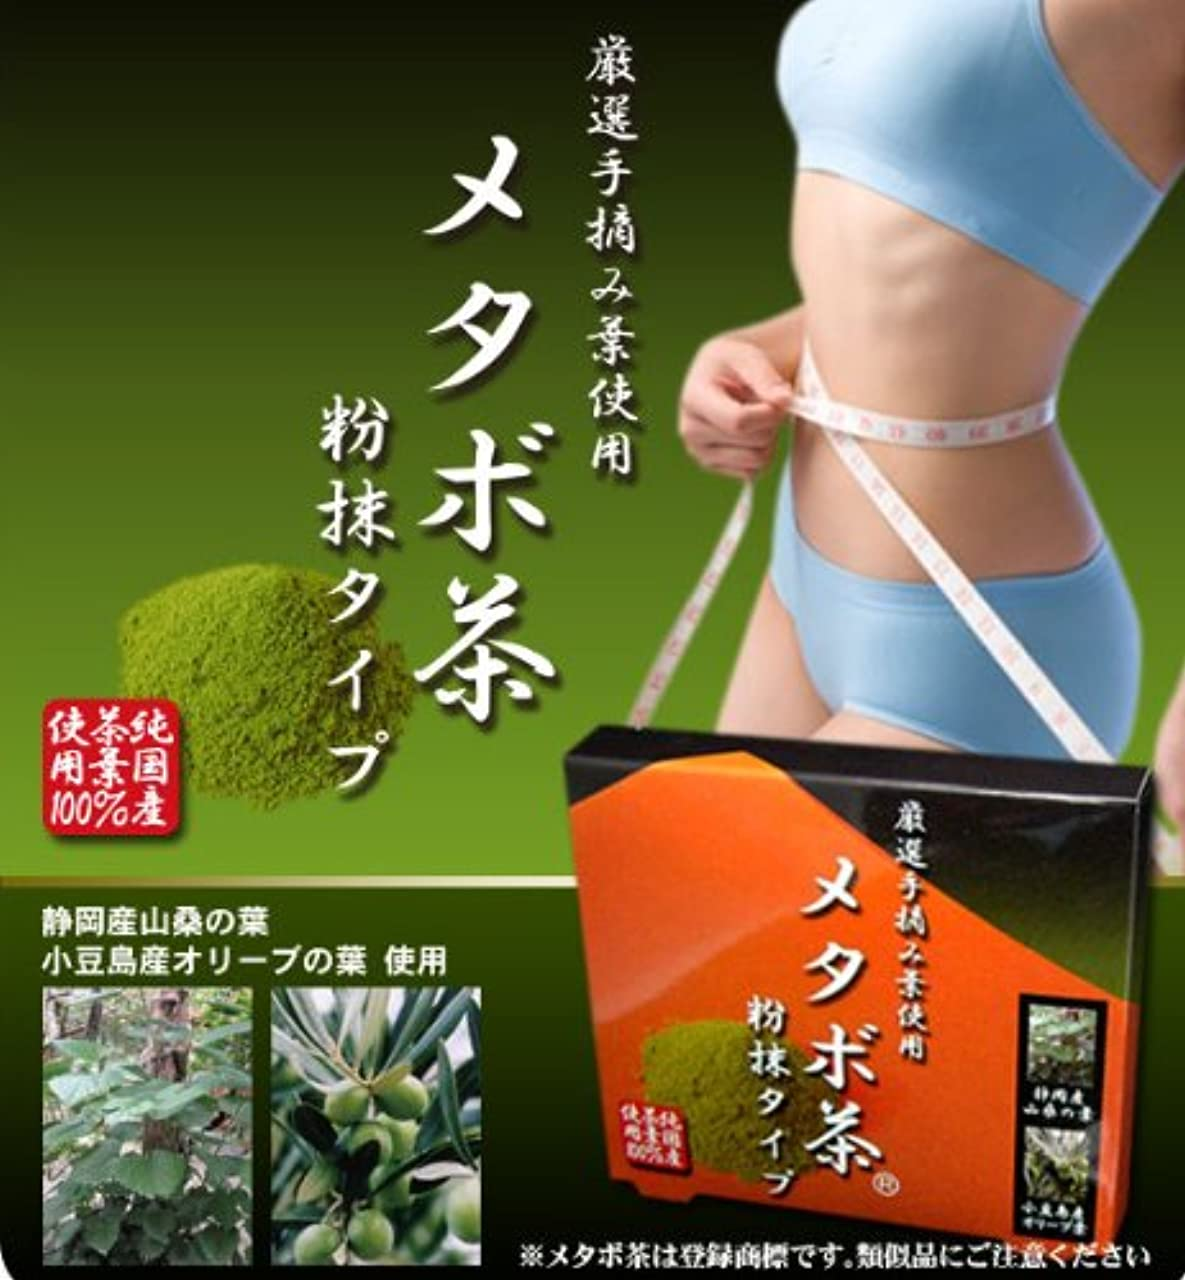 ラフトサイトラインマネージャーメタボ茶粉抹タイプ 2個セット(完全無農薬 純国産茶葉100%使用ダイエット茶)